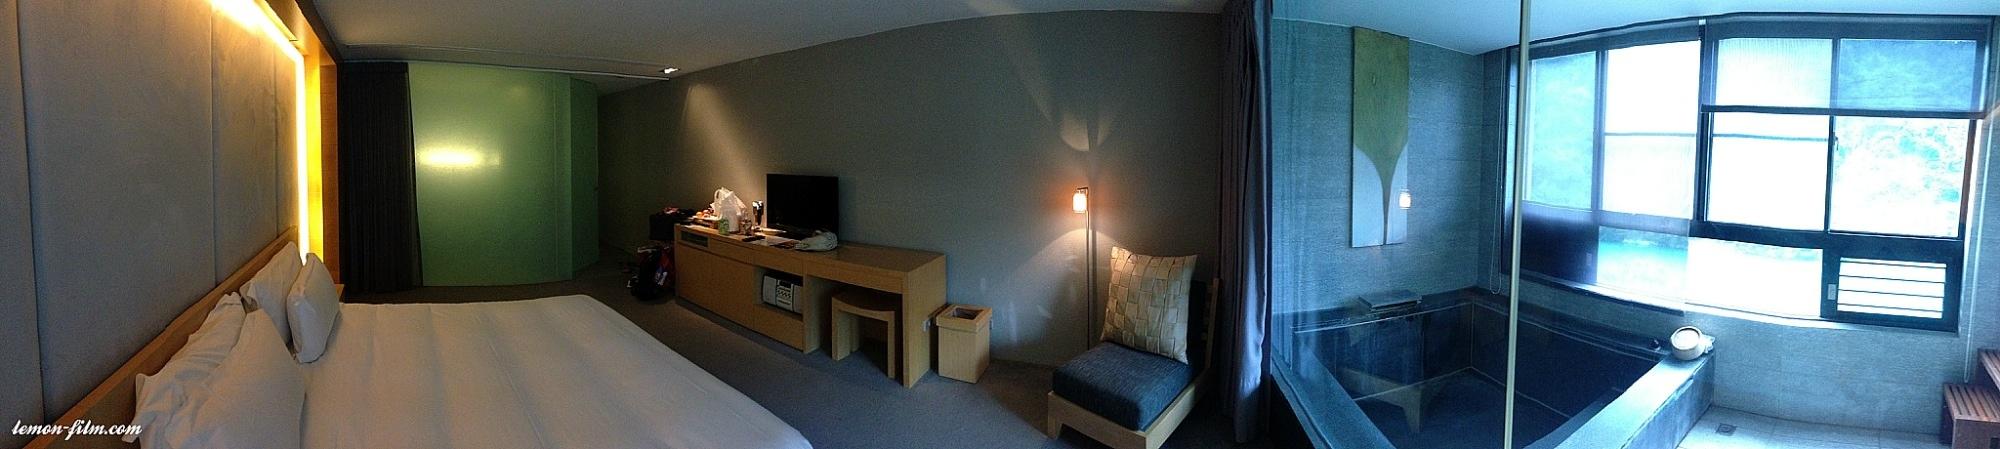 Hotel Room Vouchers